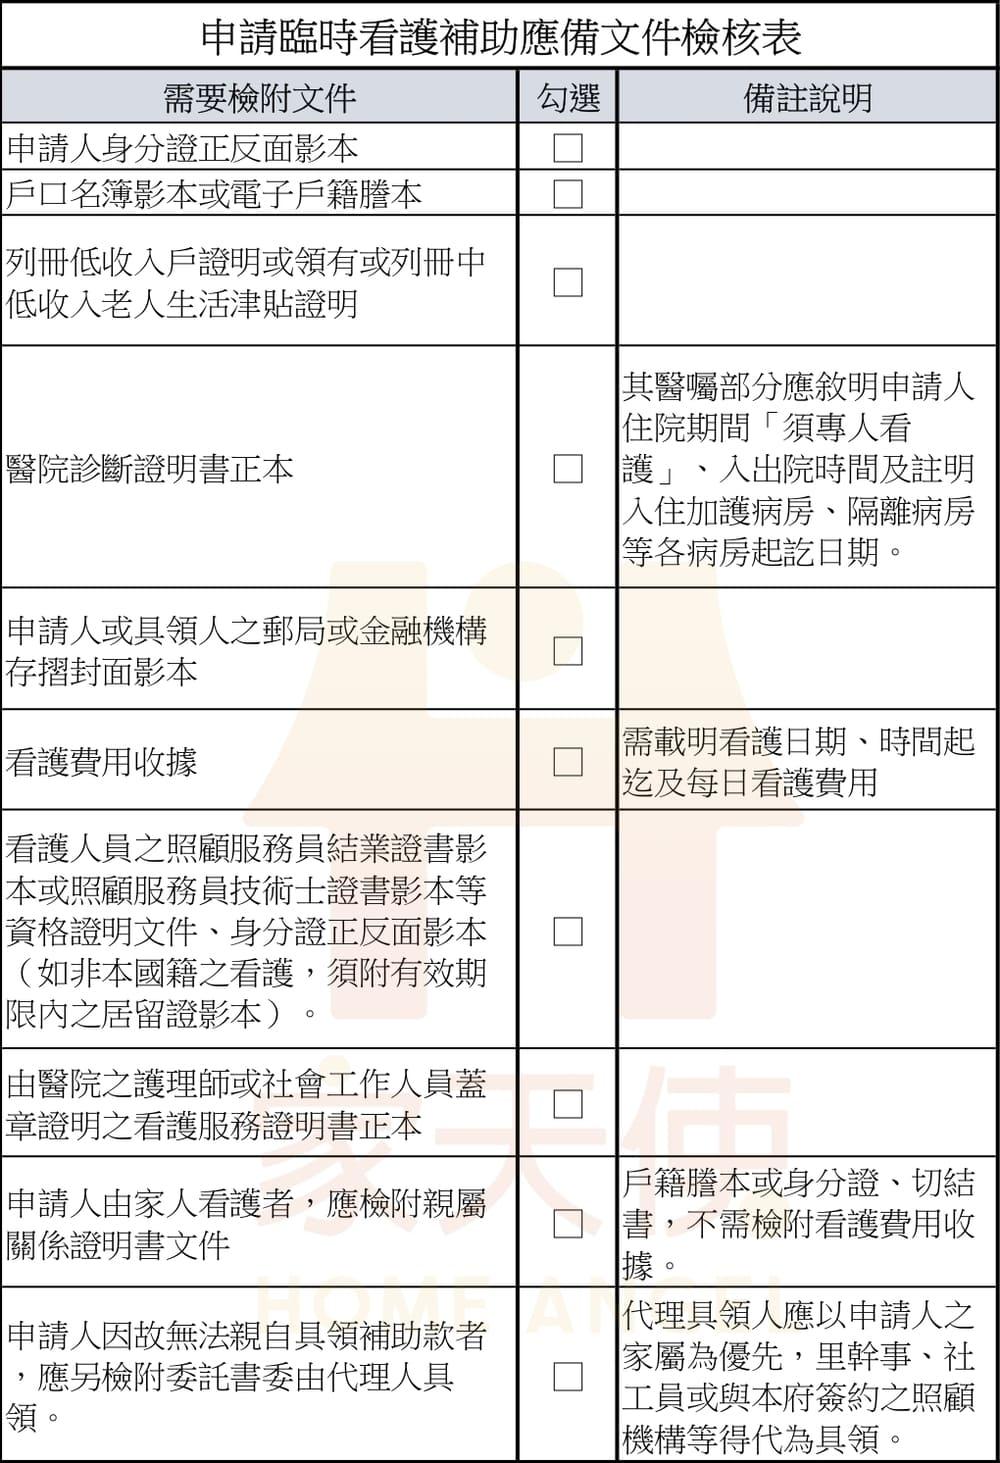 醫院臨時看護,相關補助,申請文件檢核表